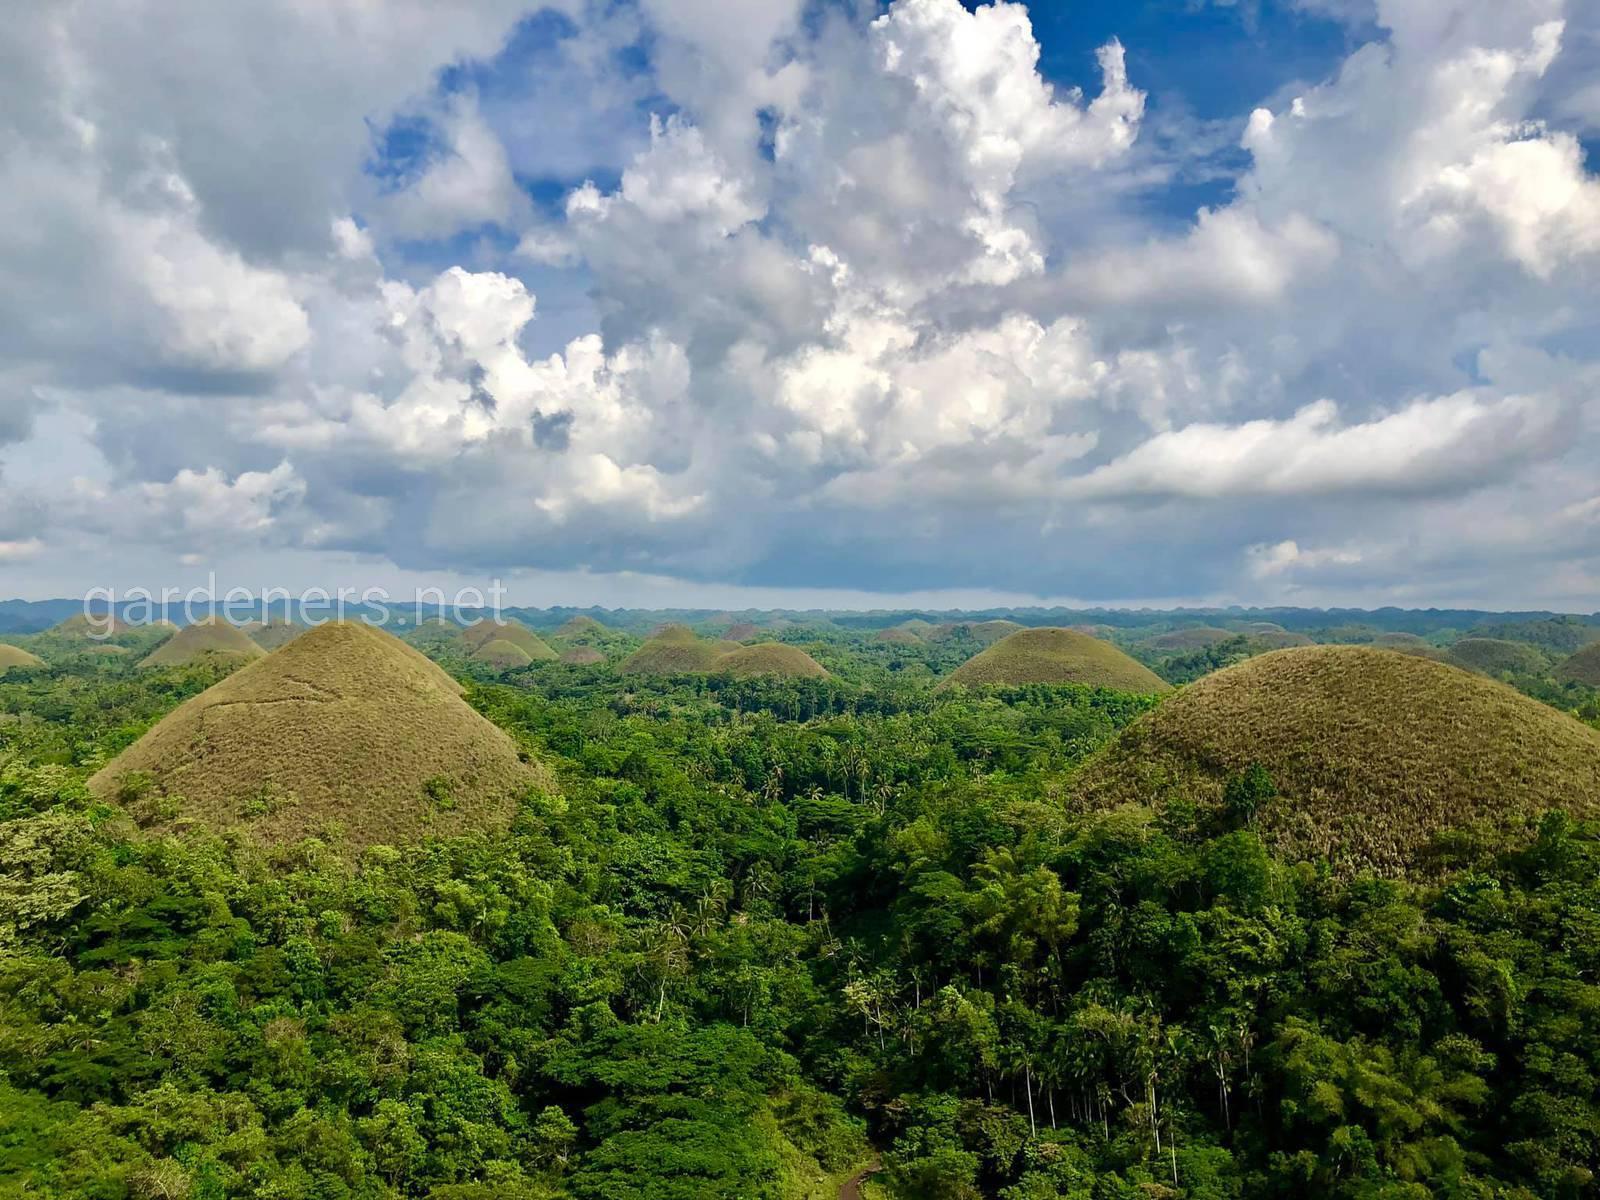 Шоколадные холмы. Остров Бохол, Филиппины